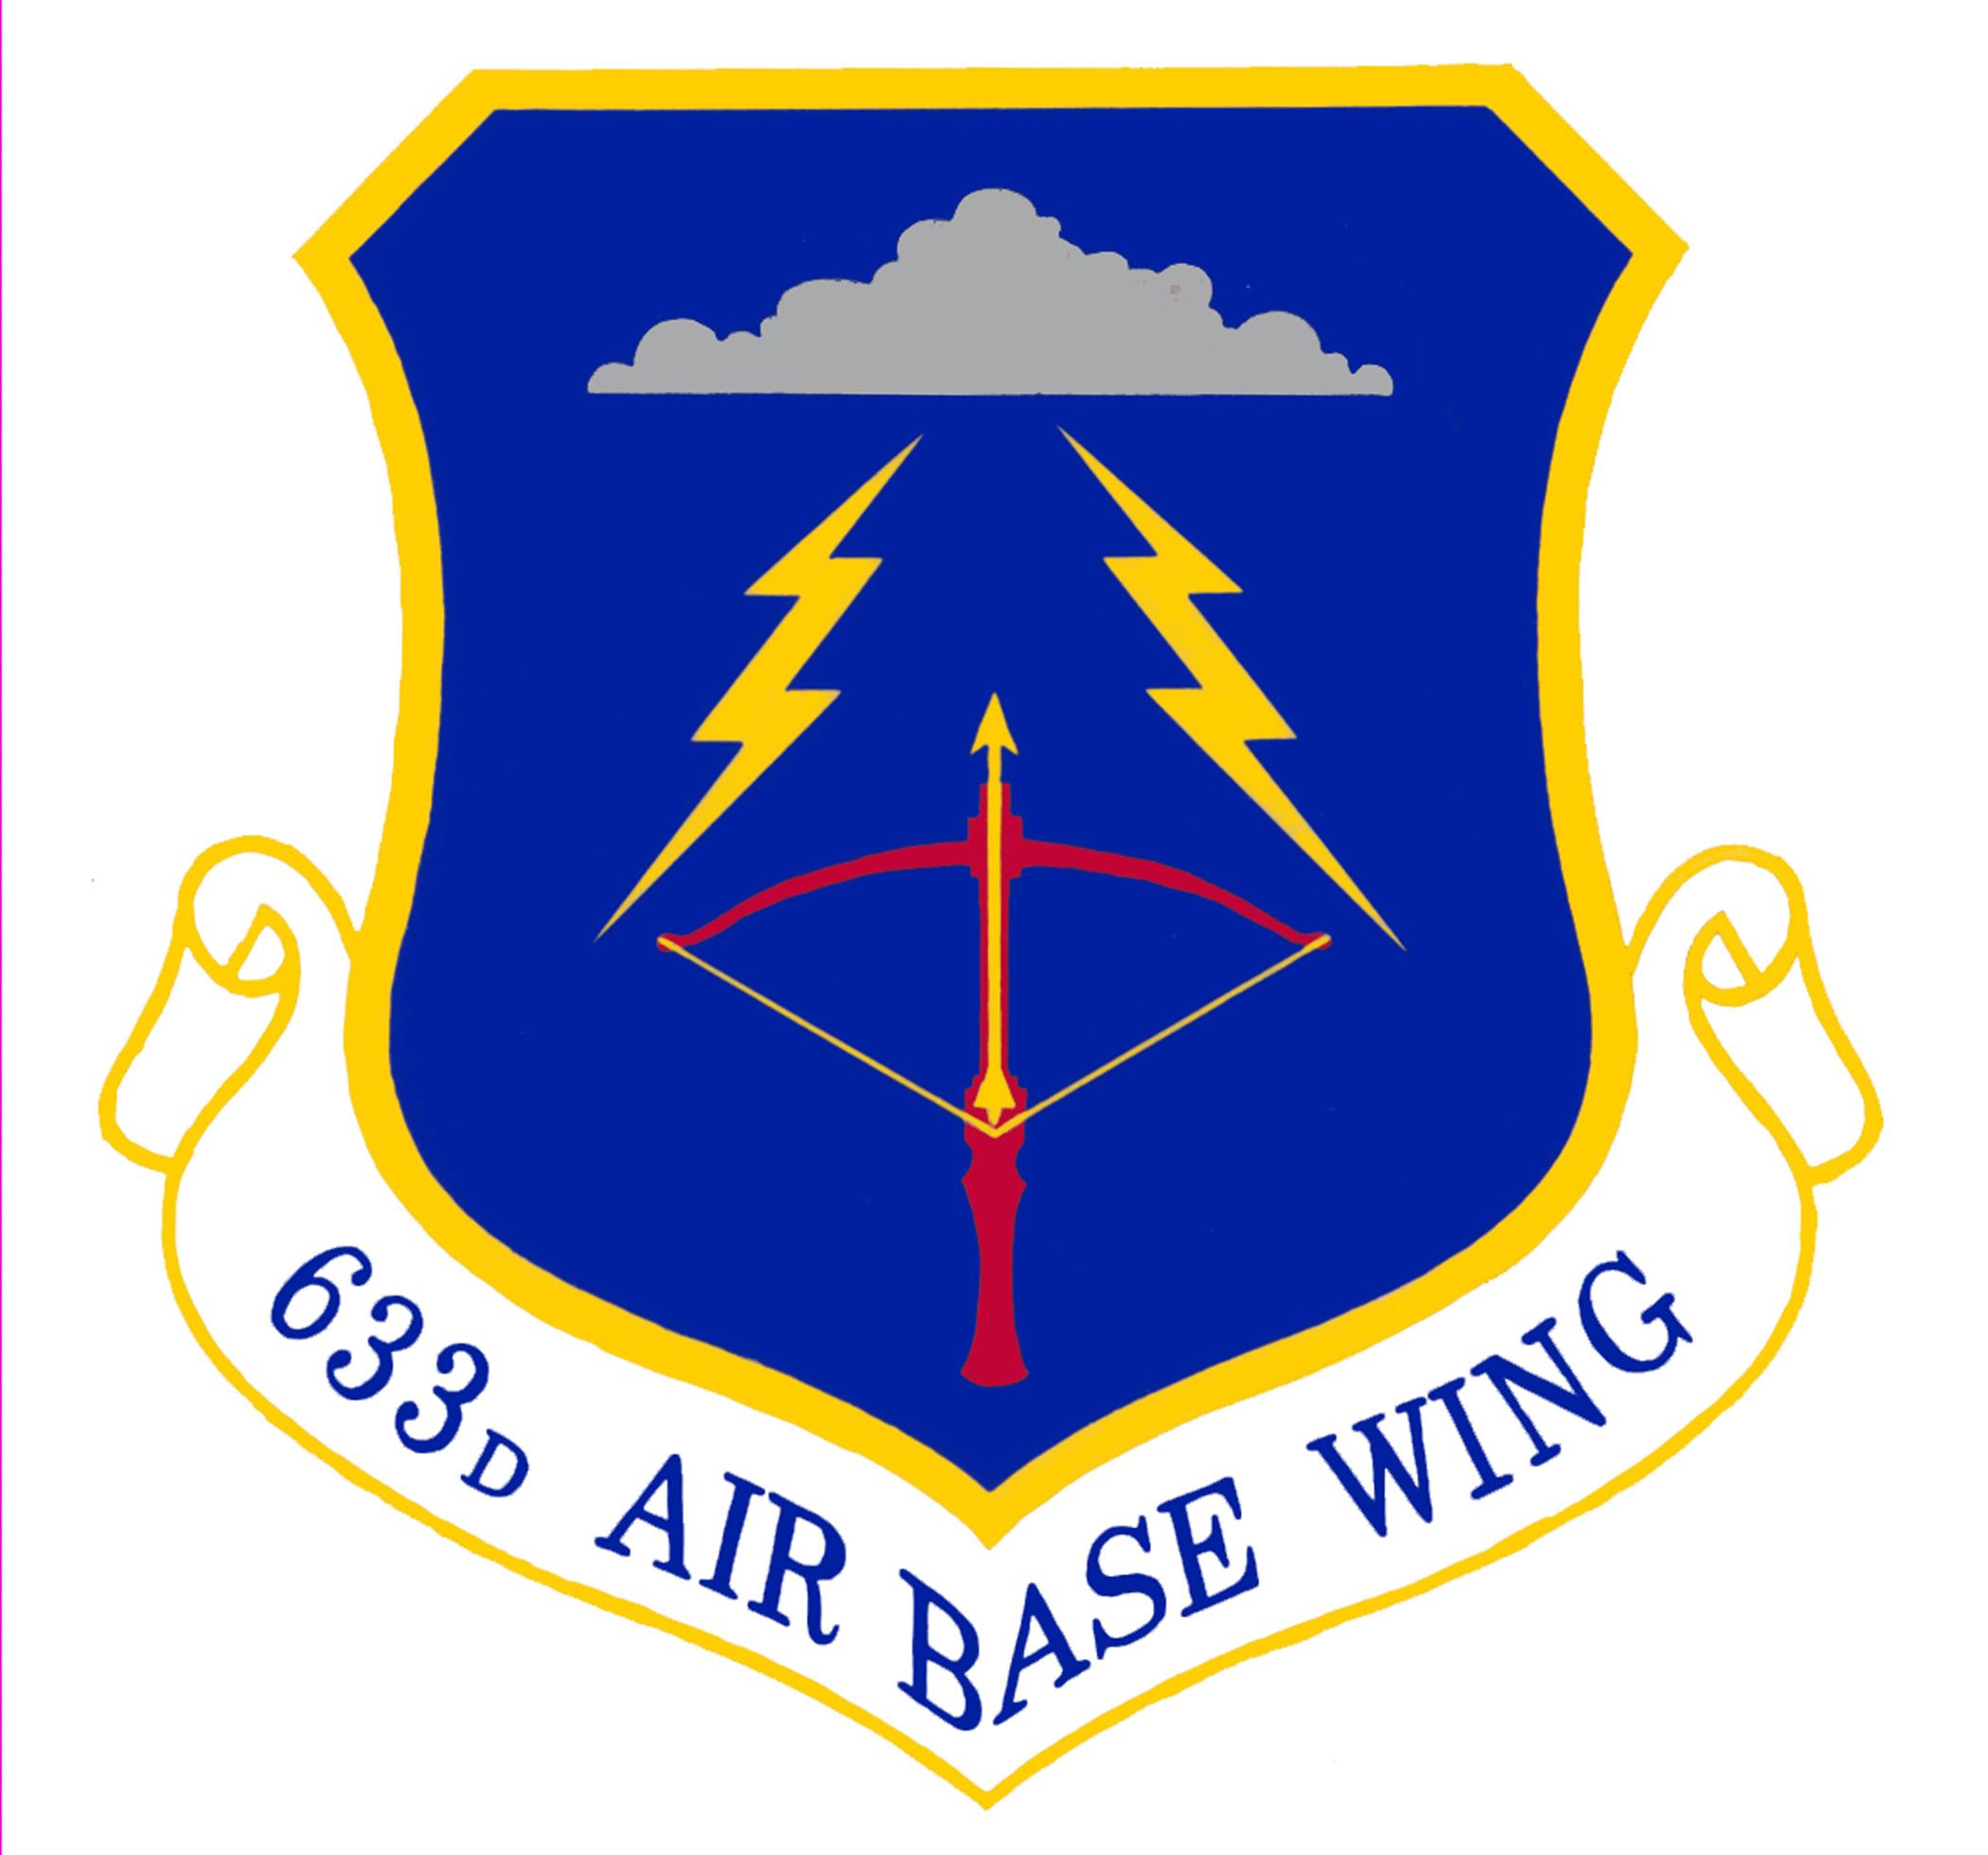 633rd Air Base Wing shield